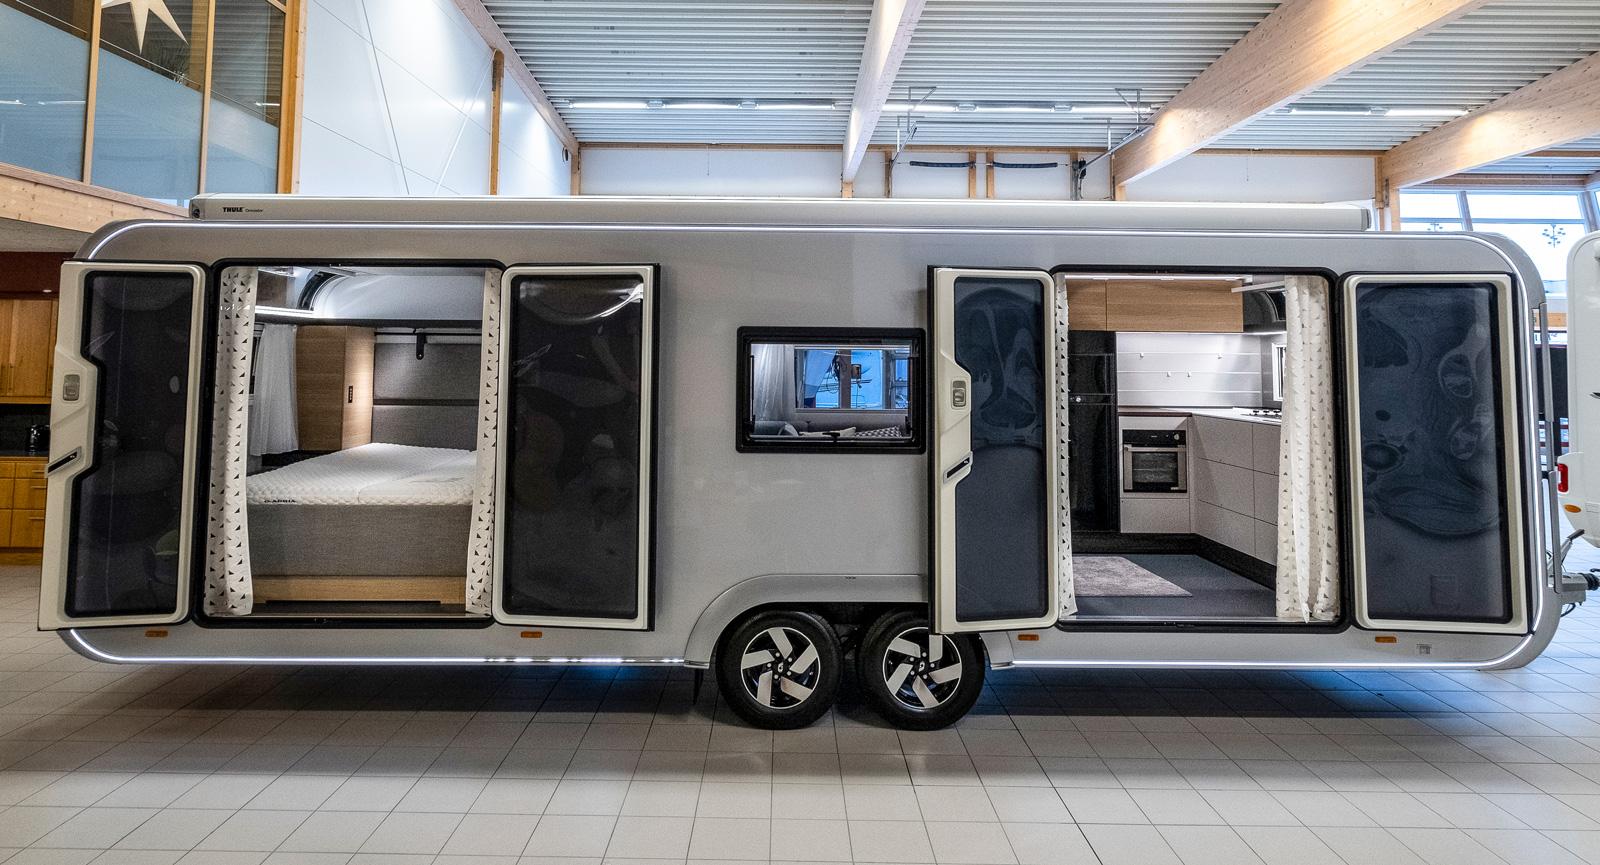 Med båda dörrarna öppna är det lätt att vädra ur vagnen en varm sommardag. För övrigt en perfekt mässvagn med in- och utgång.